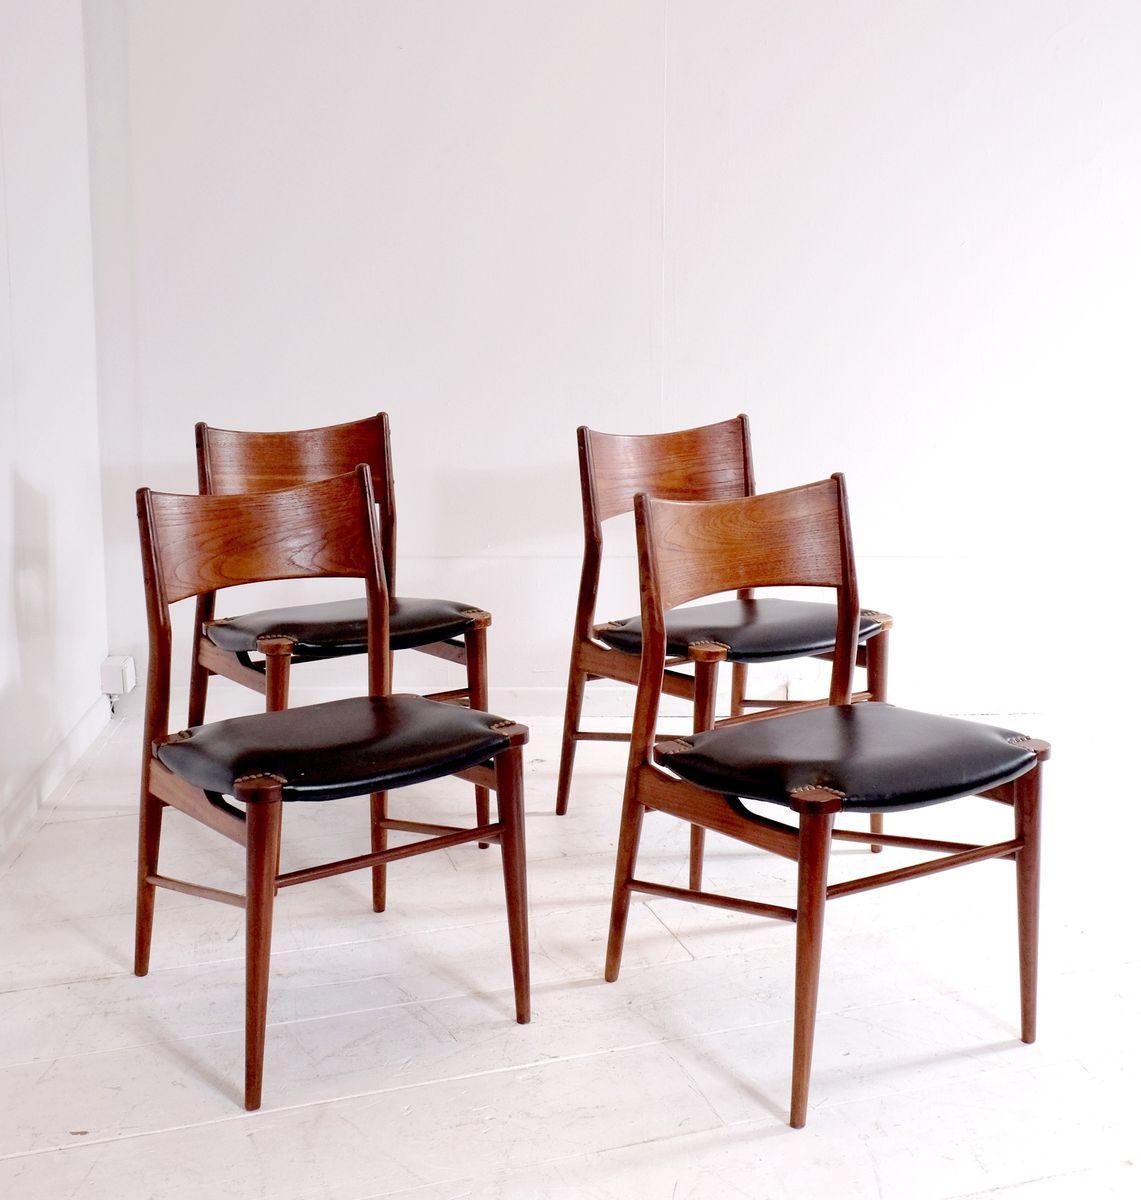 d nische teak und moleskin esszimmerst hle 4er set bei pamono kaufen. Black Bedroom Furniture Sets. Home Design Ideas